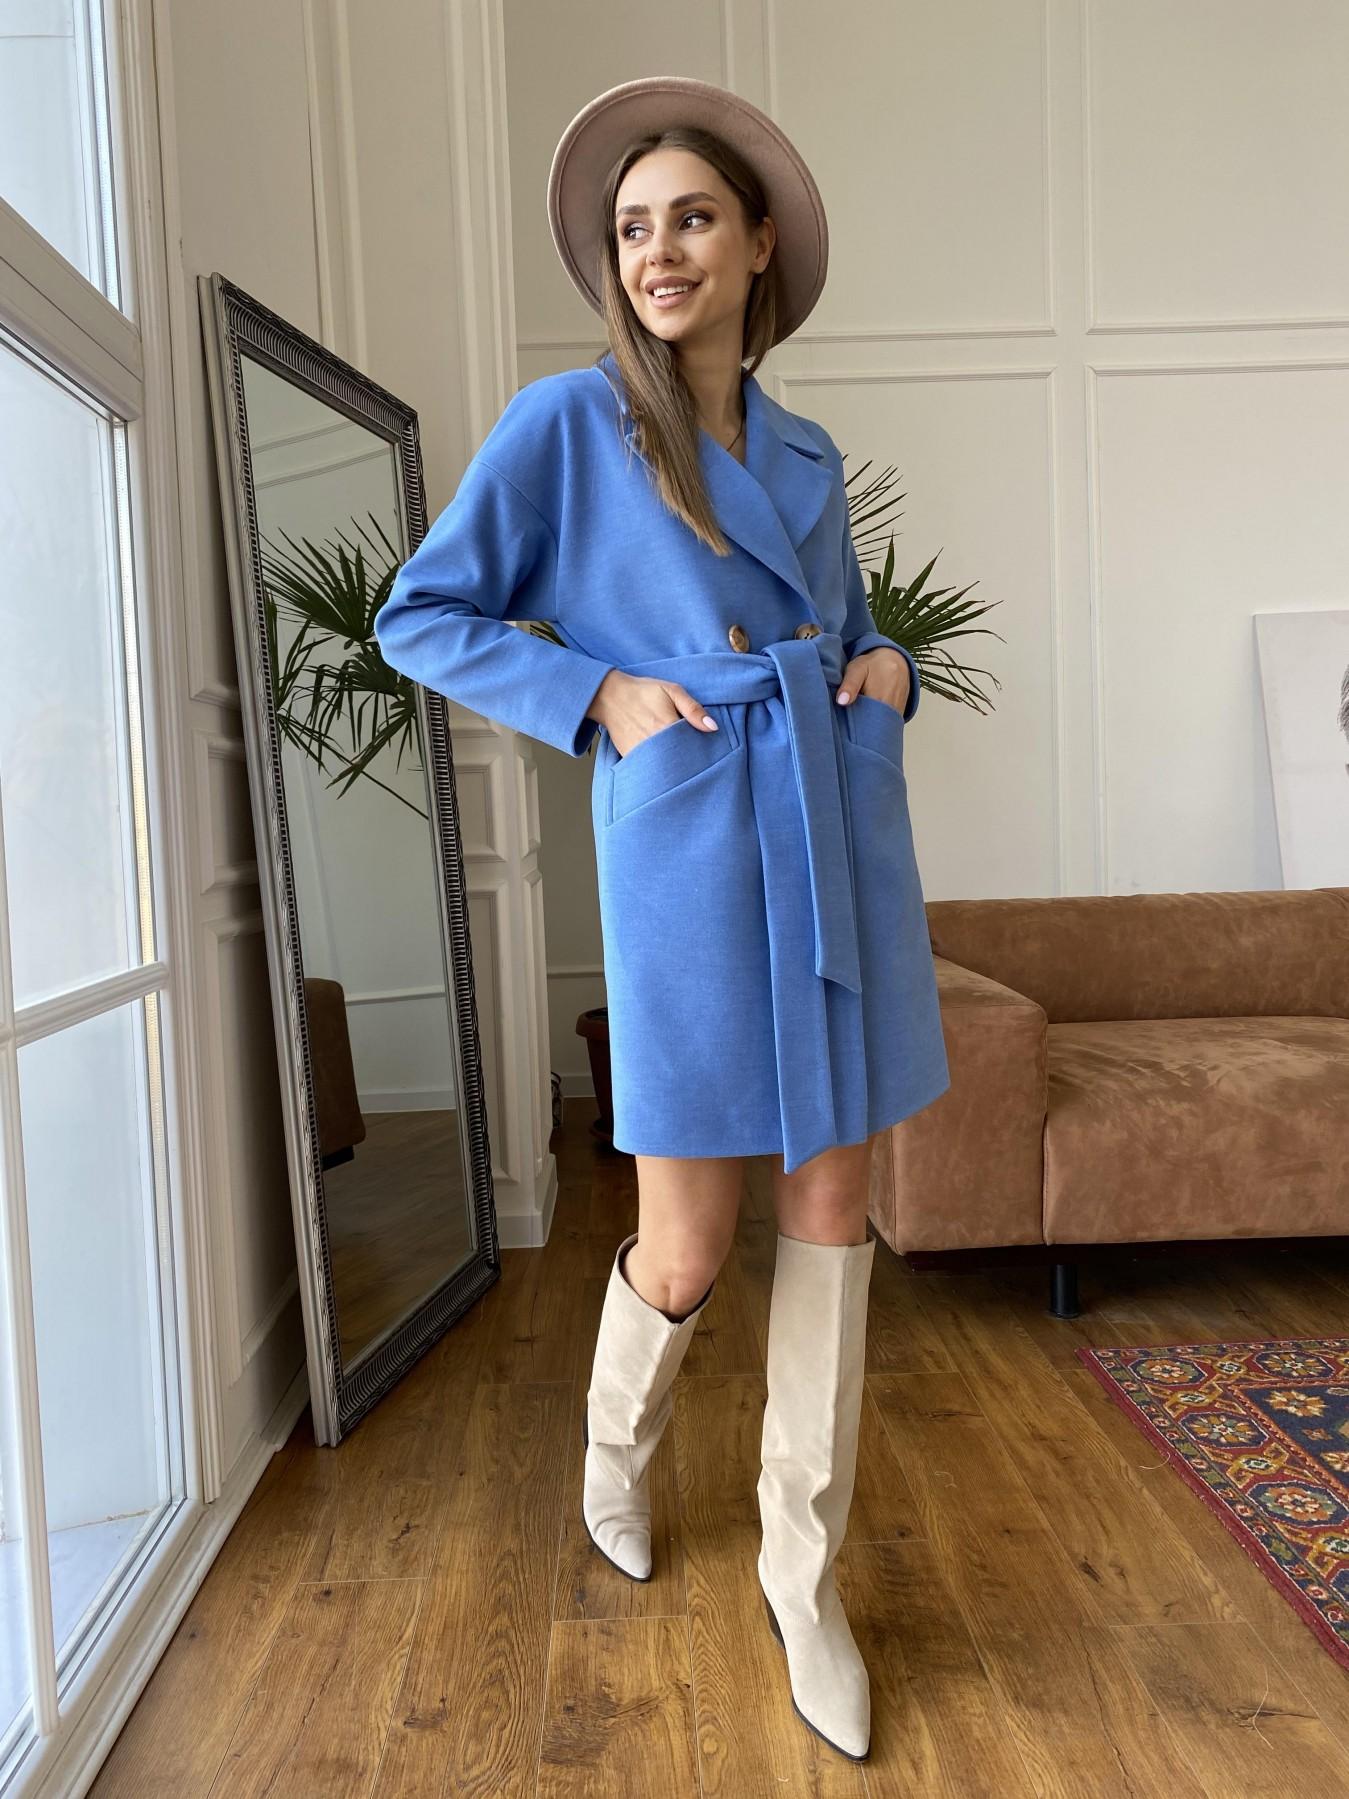 Сенсей пальто из кашемира 10572 АРТ. 47572 Цвет: Голубой - фото 10, интернет магазин tm-modus.ru